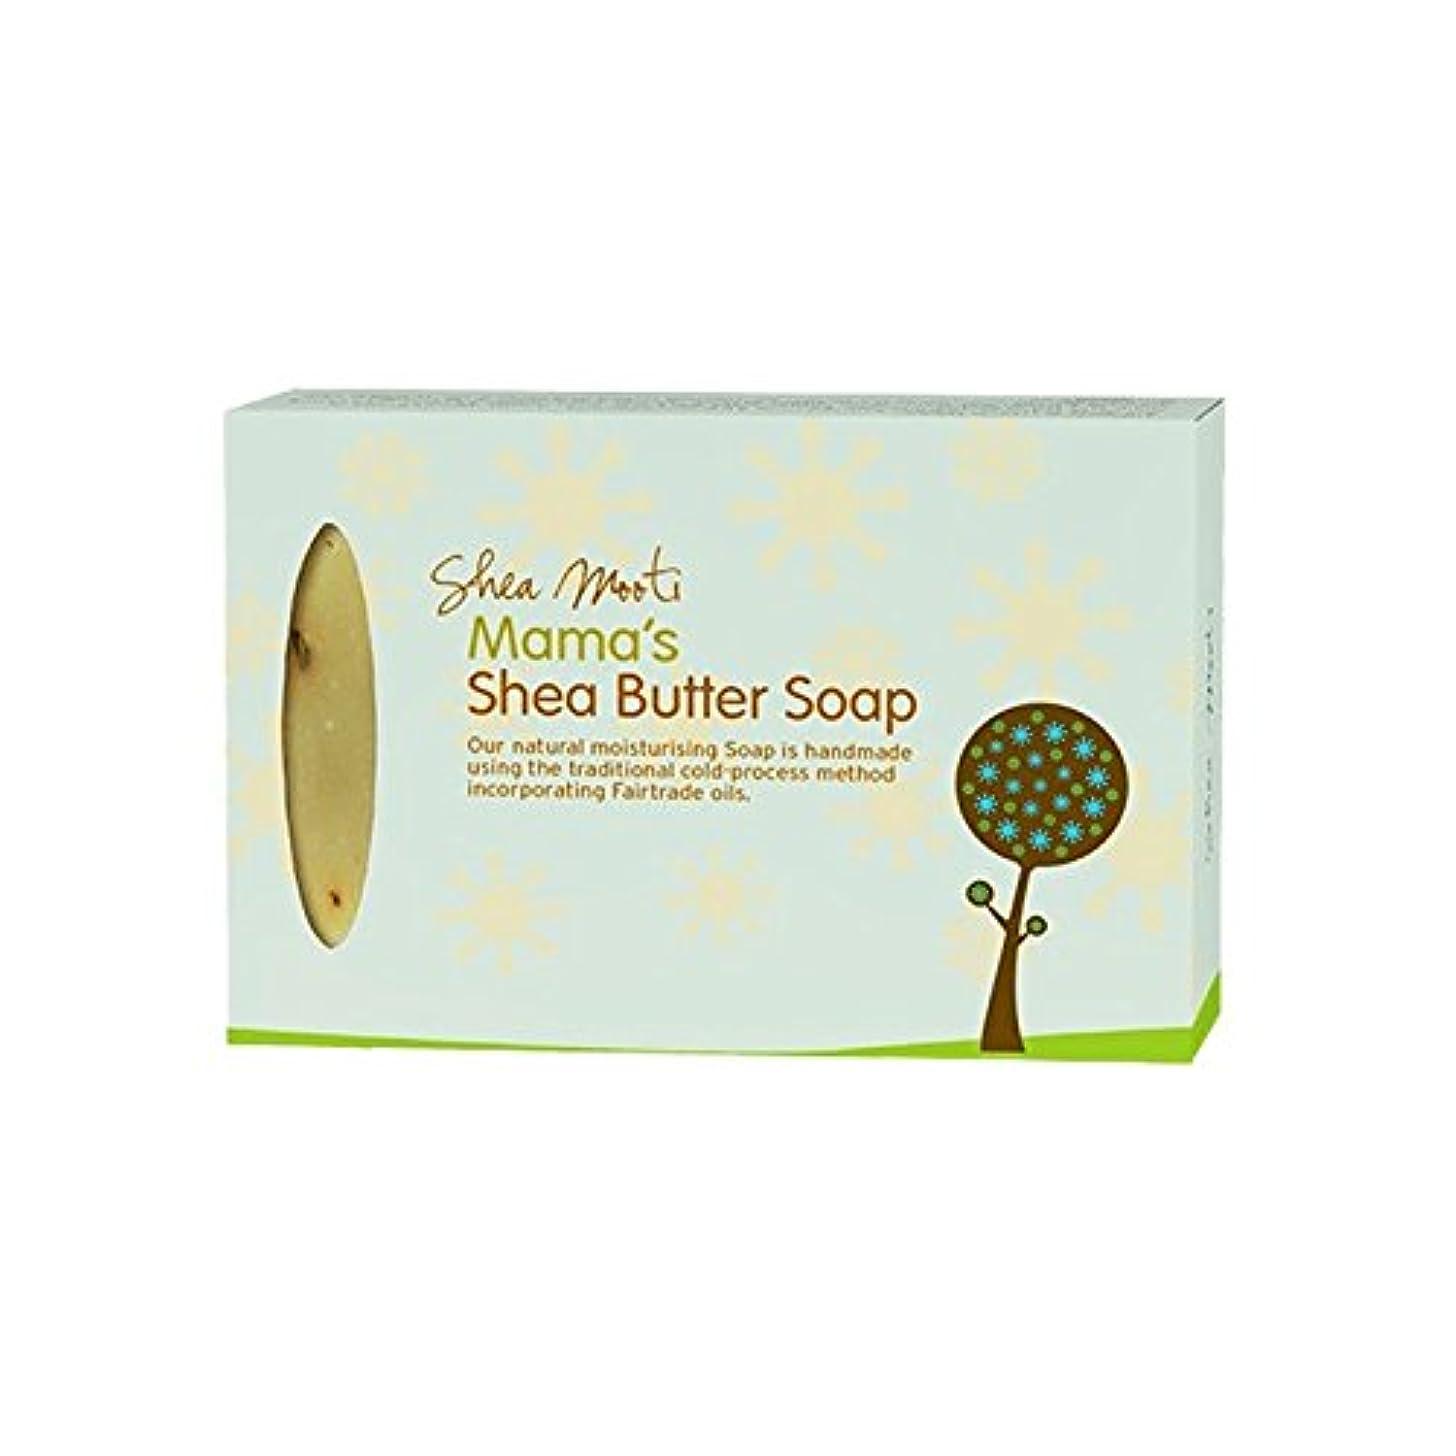 シアバターMootiママのシアバターソープ100グラム - Shea Mooti Mama's Shea Butter Soap 100g (Shea Mooti) [並行輸入品]